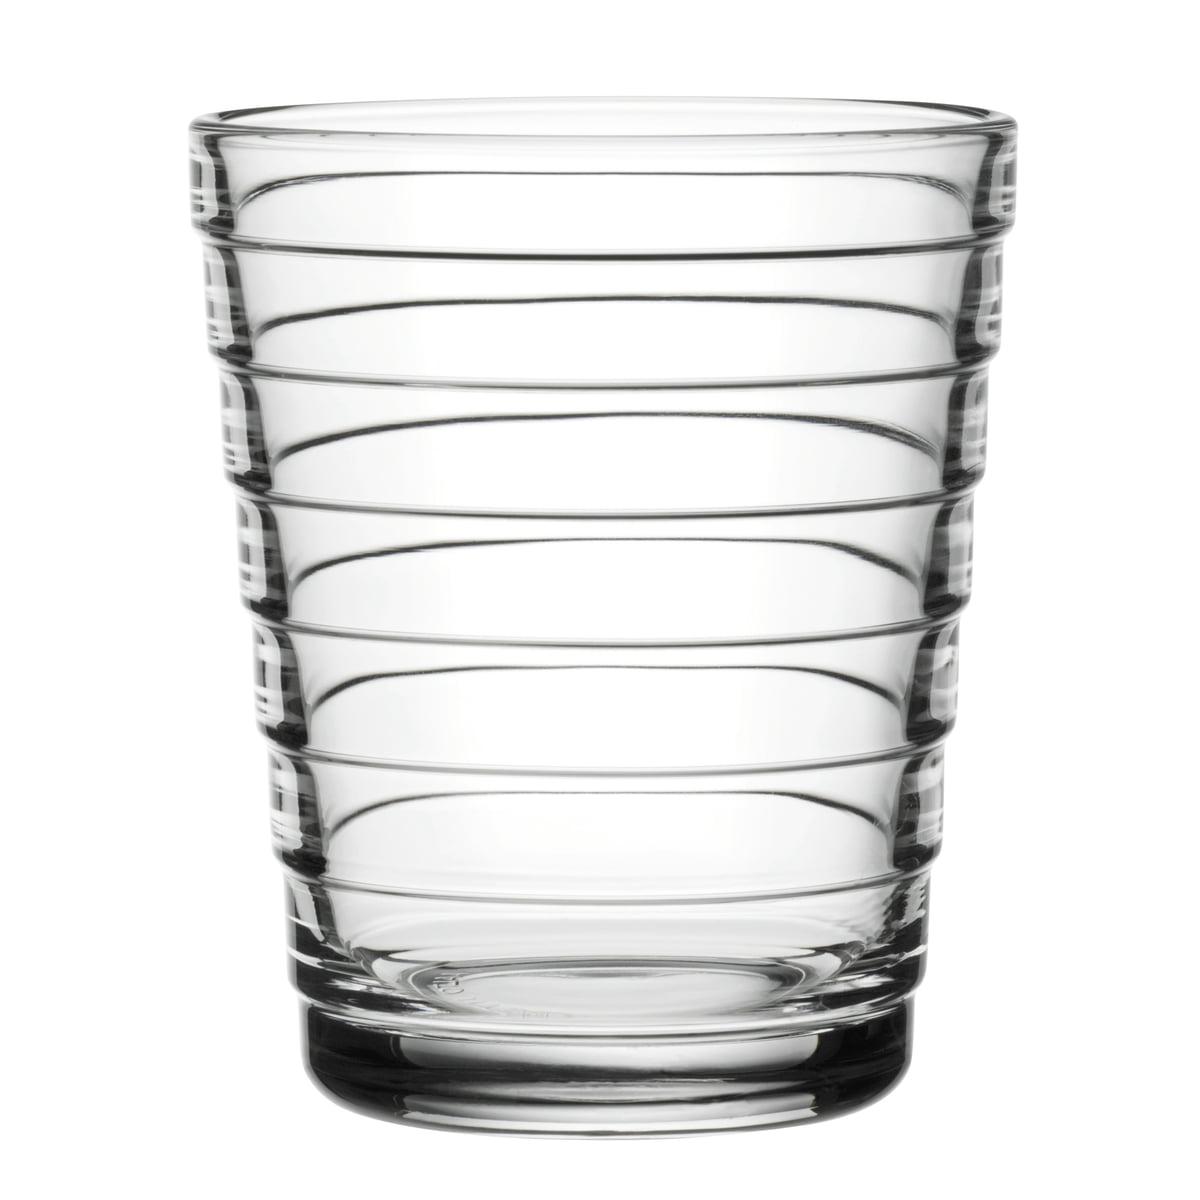 f418089013 Bécher en verre Aino Aalto 22 cl d'Iittala en clair